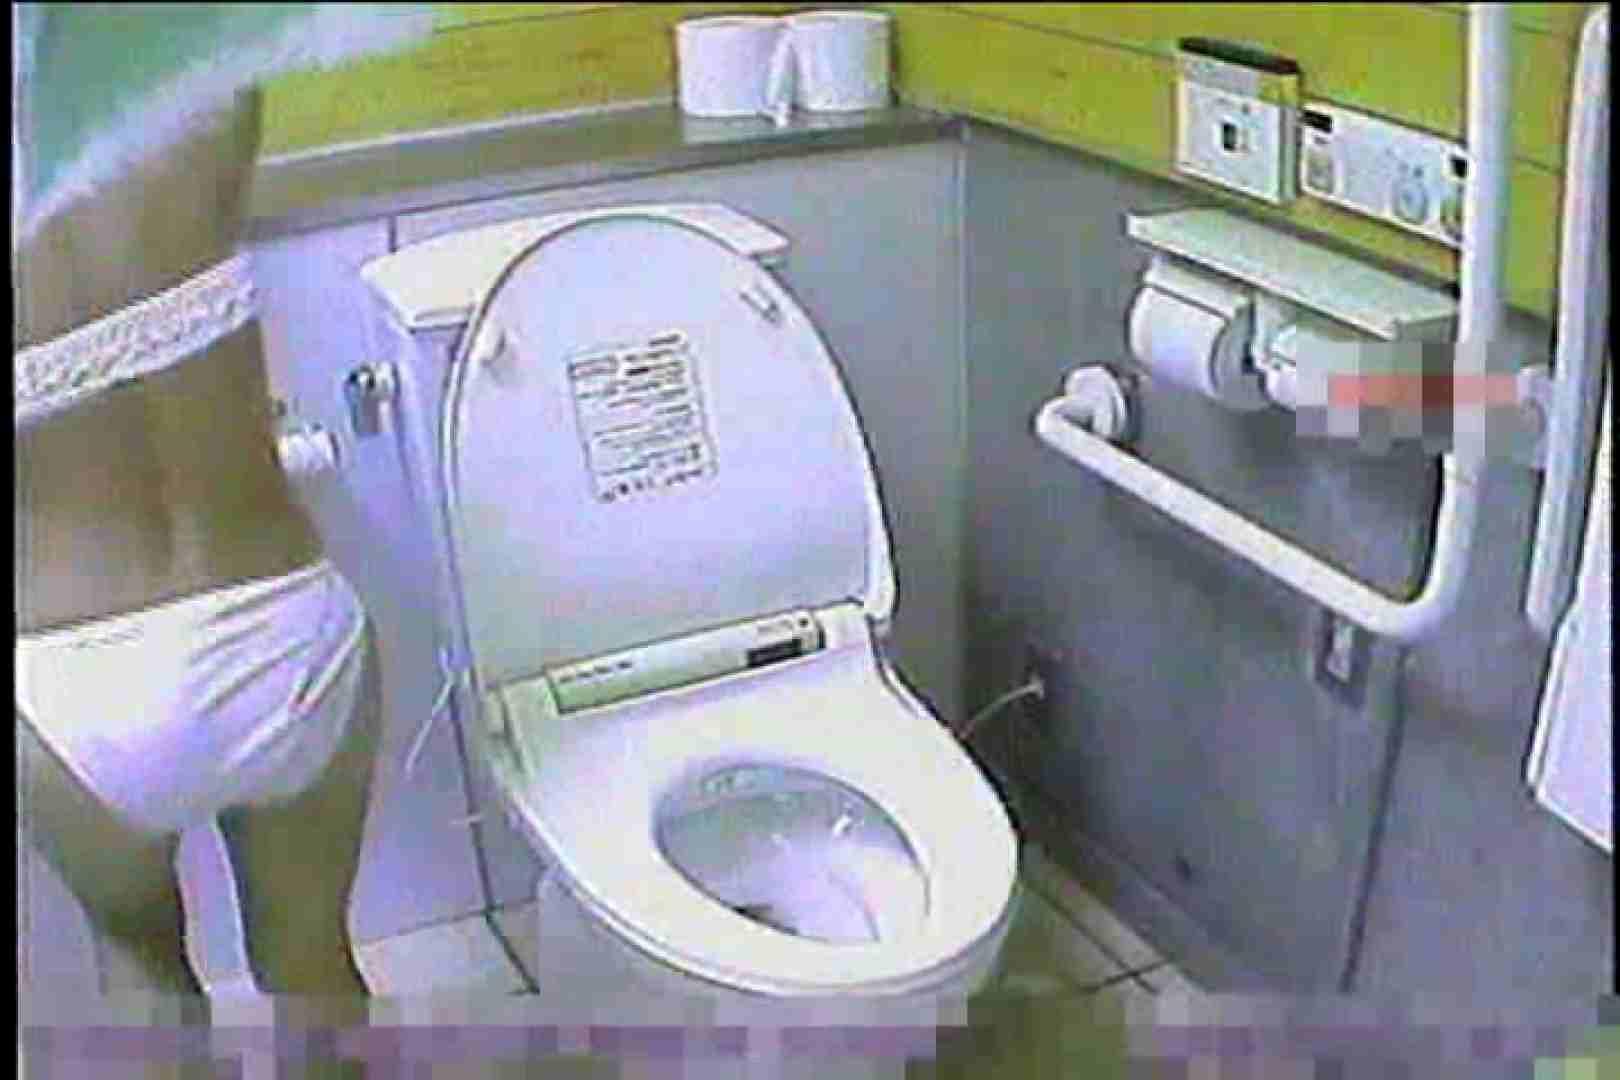 2点盗撮洗面所潜入レポートVol.7 洋式固定カメラ編 盗撮  63pic 48